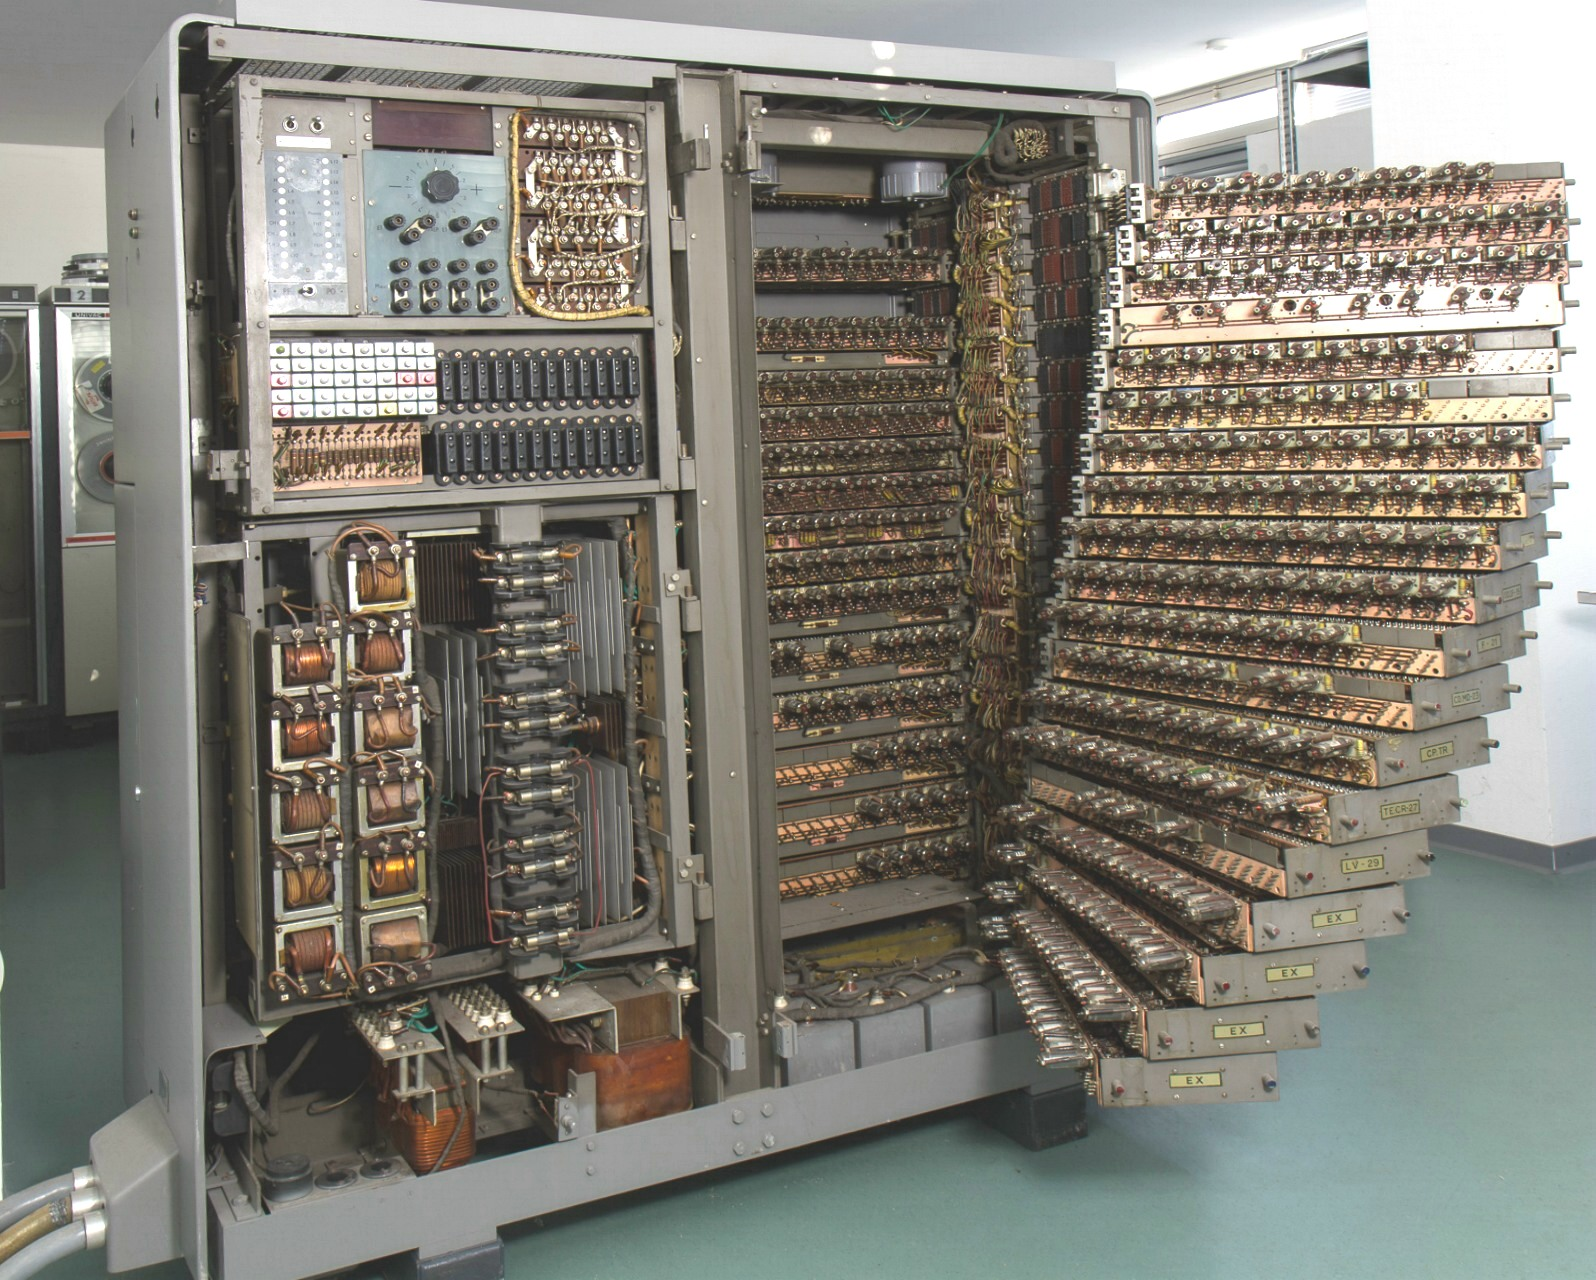 acer motherboard wiring diagram r  hrenrechner der 1 generation bull gamma 3 technikum29  r  hrenrechner der 1 generation bull gamma 3 technikum29